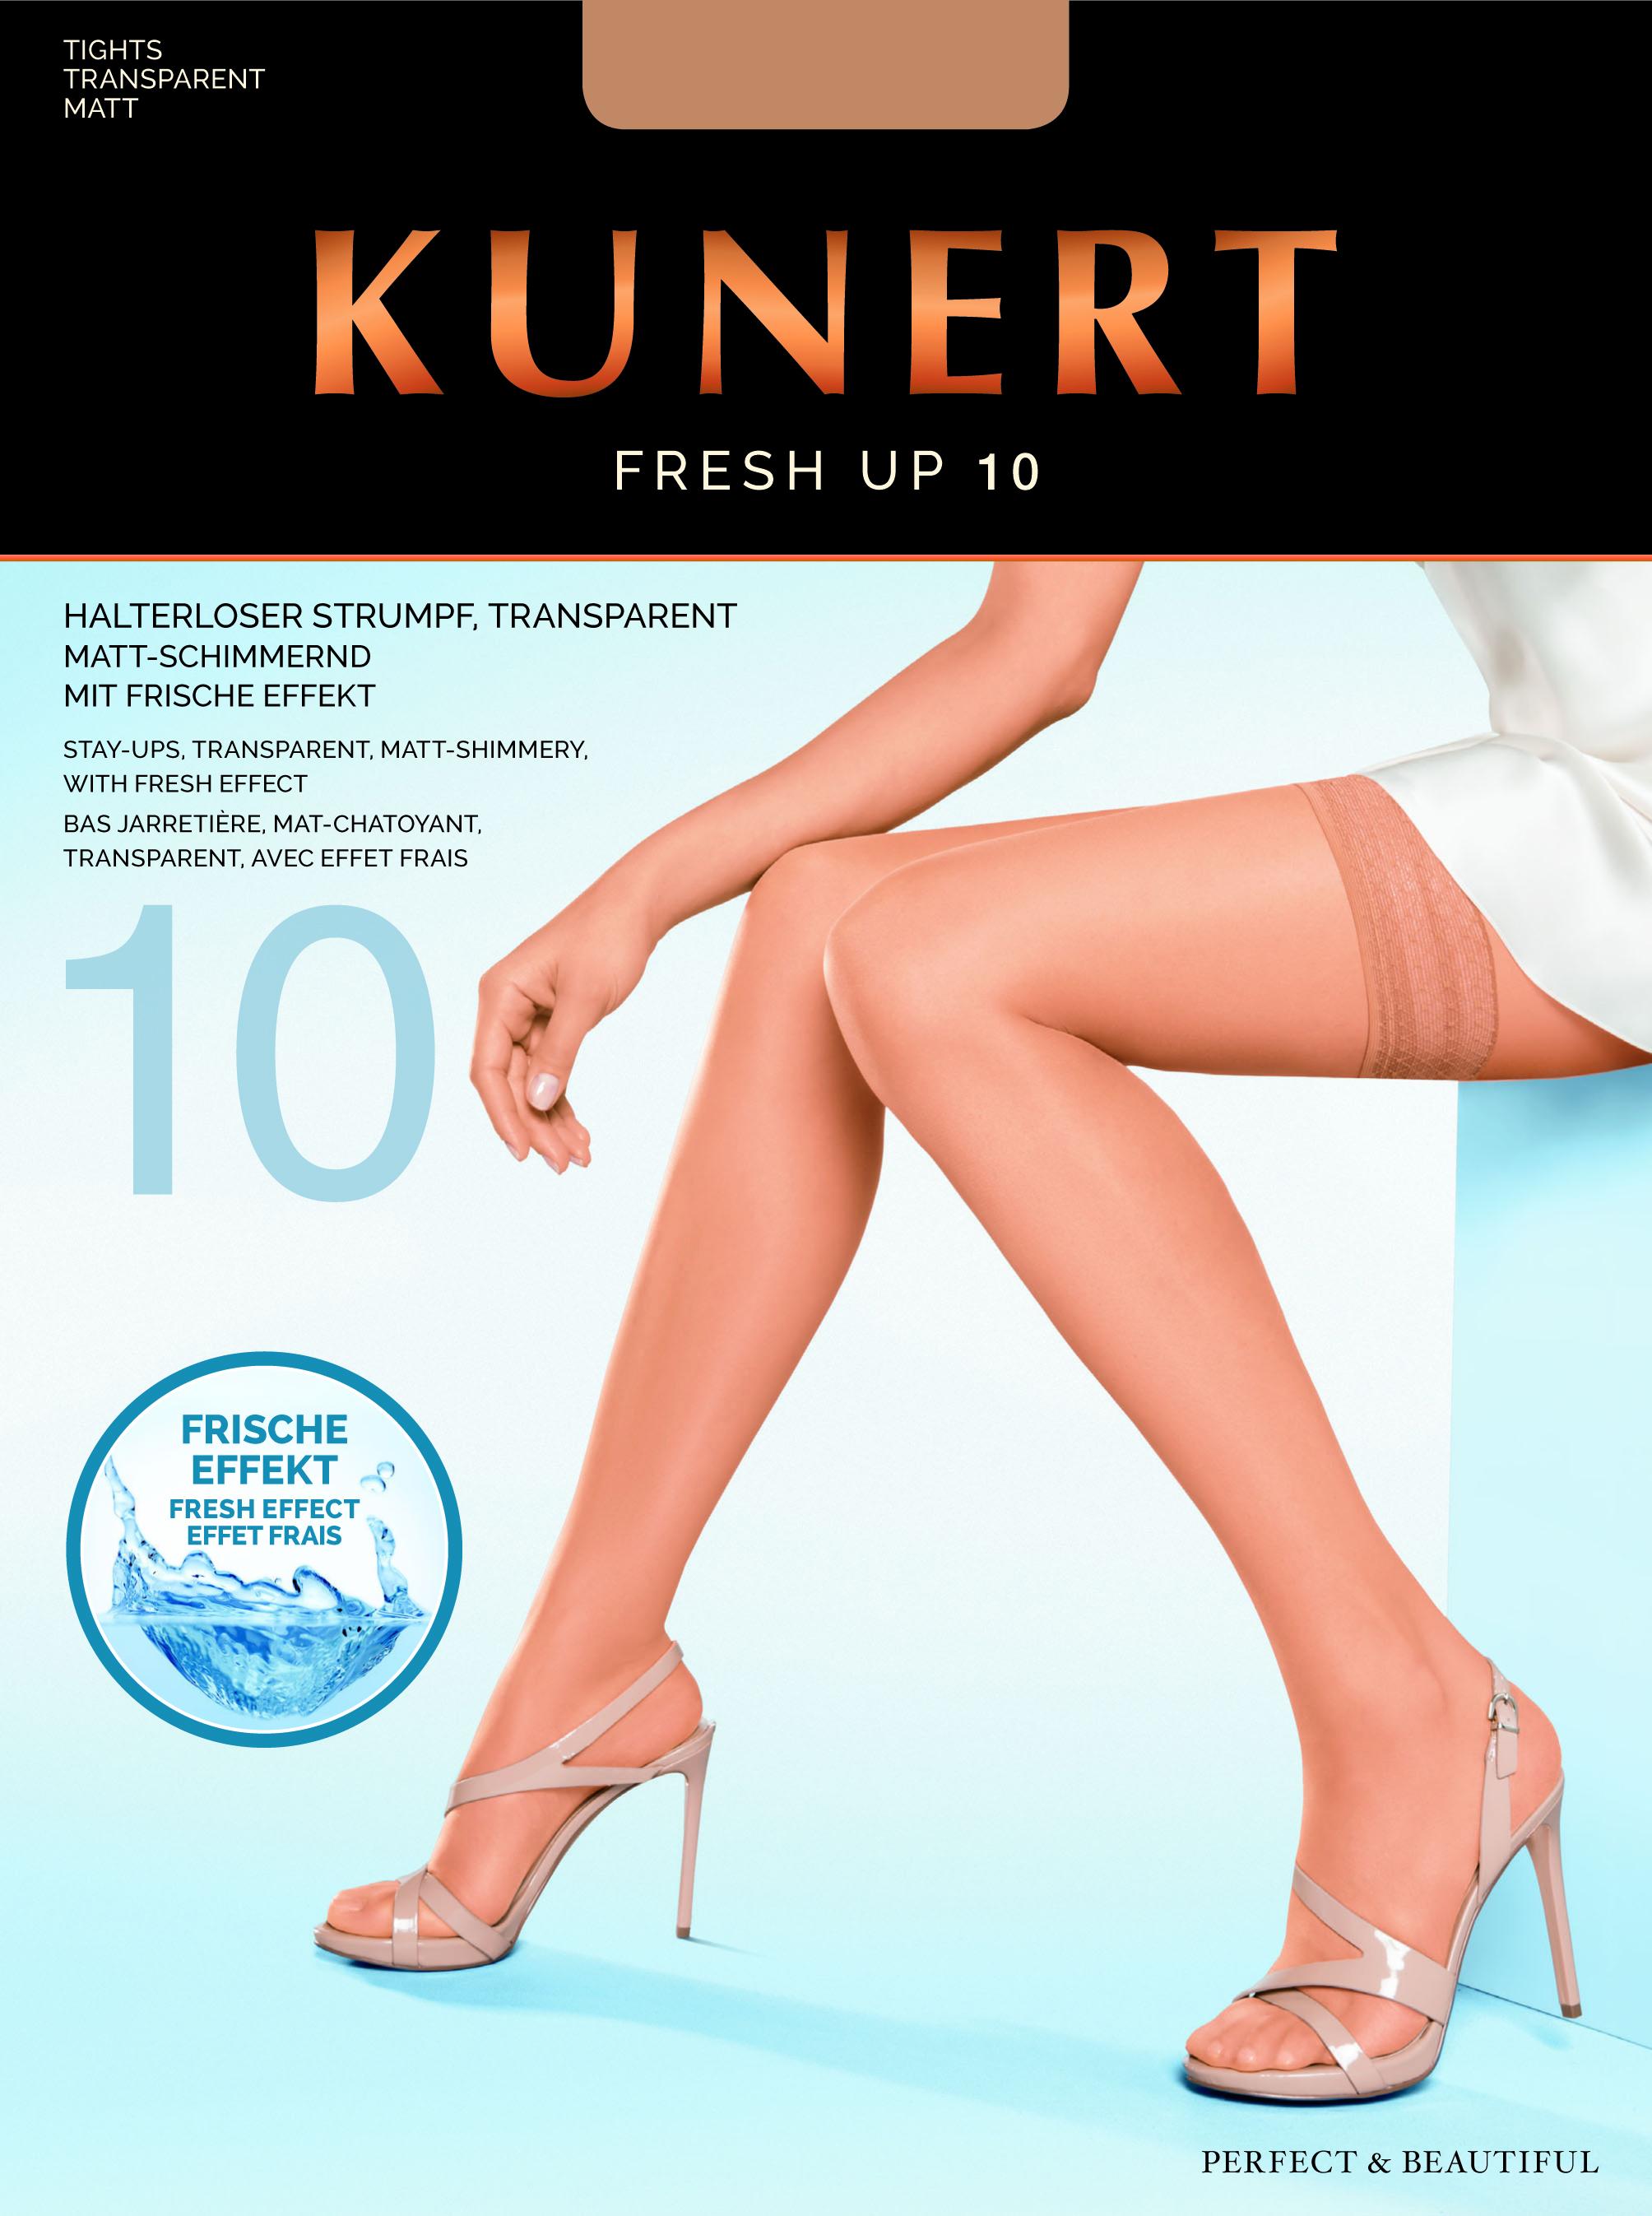 2bc3af70c0ab1 Kunert Fresh Up 10 - Transparent summer hold ups ✅